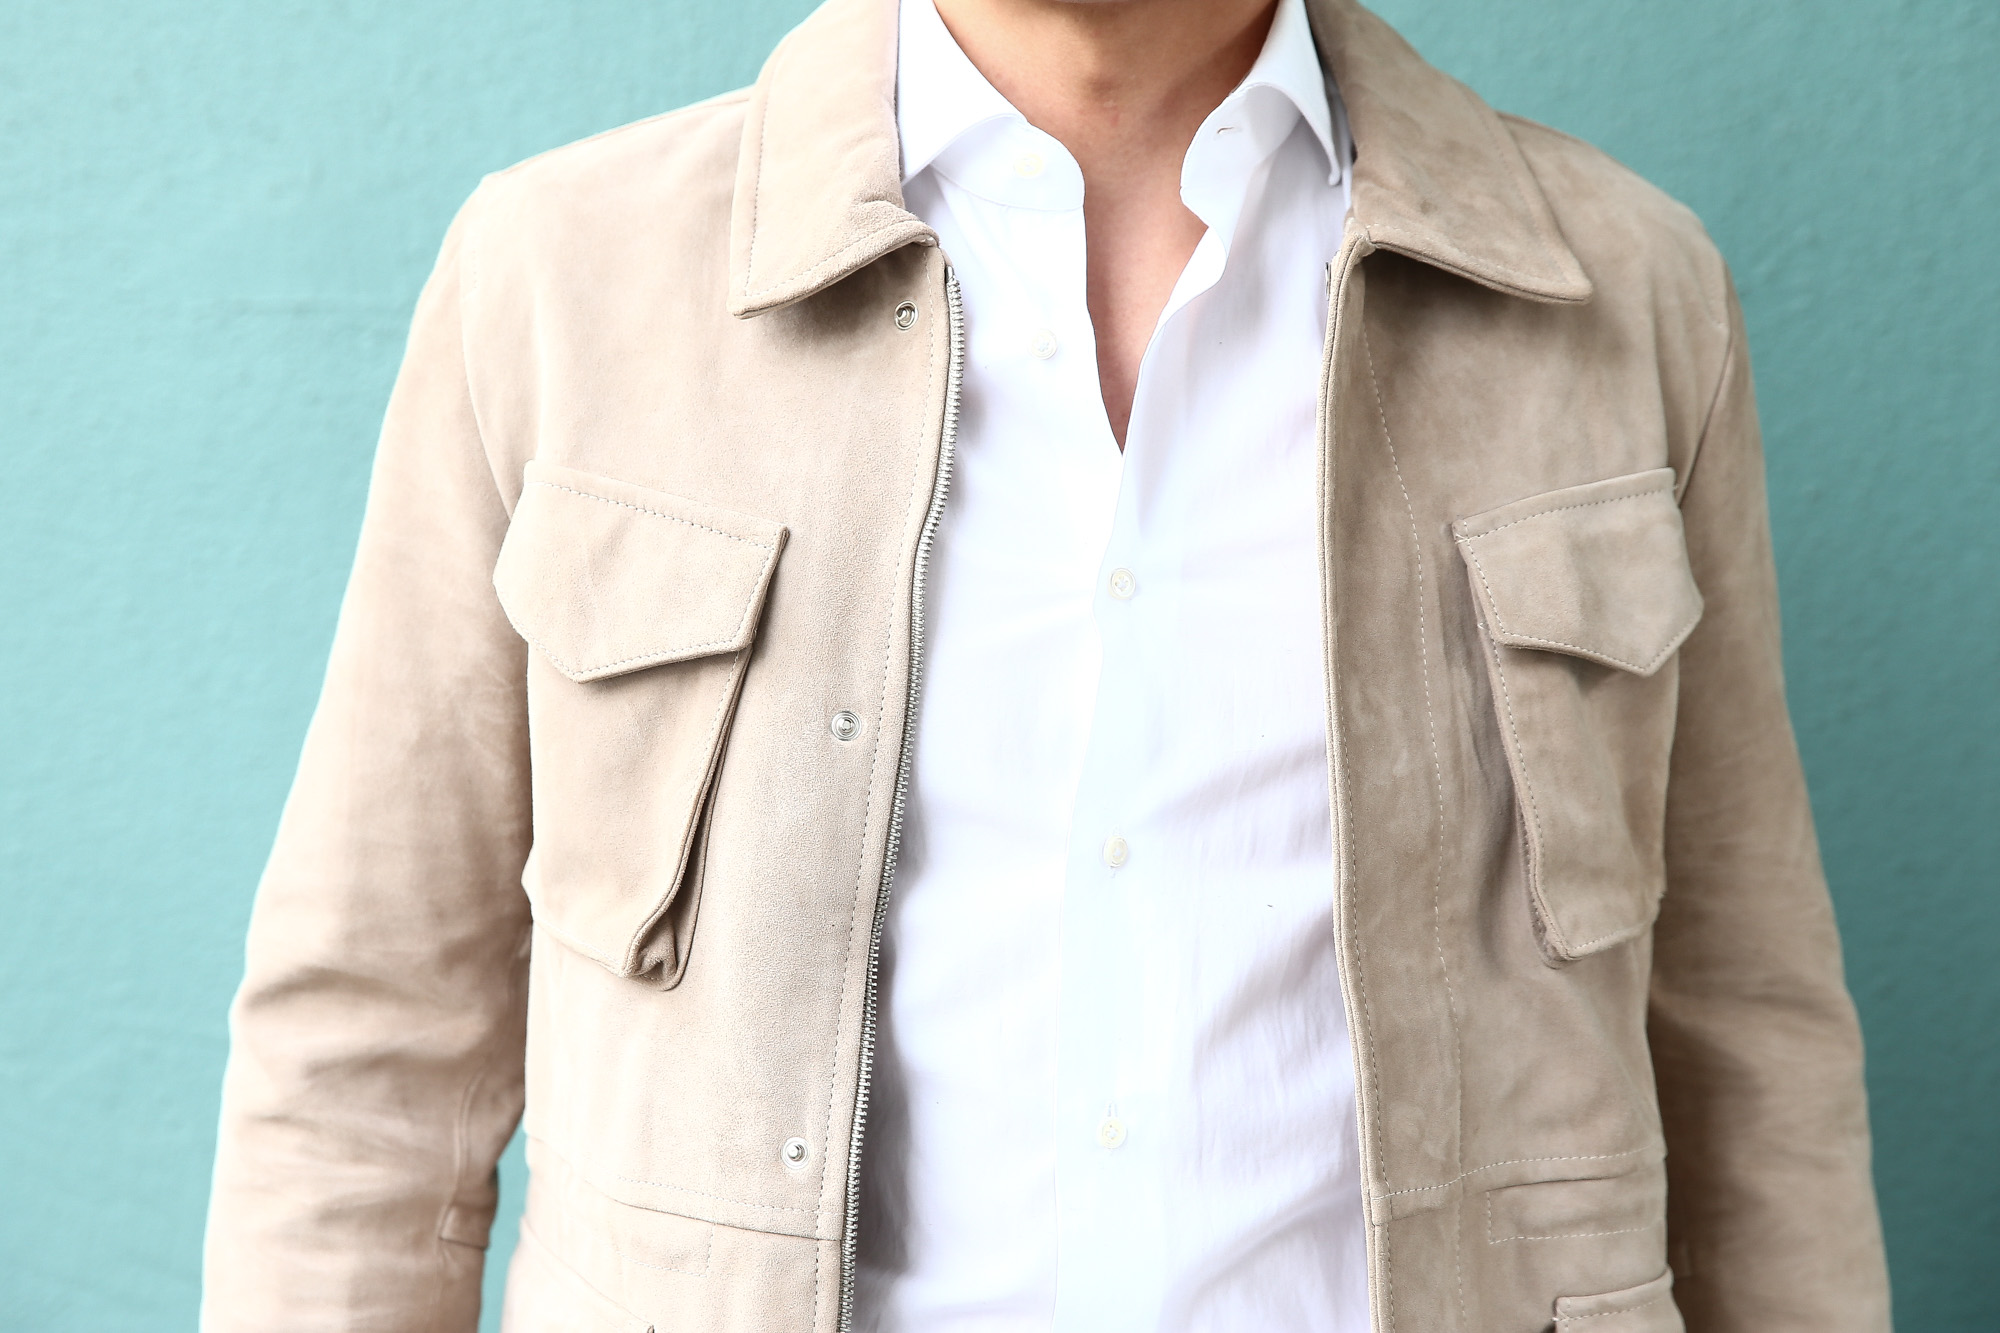 【Radice // ラディーチェ】 M-65 Suede Leather Jacket スエードラムナッパレザー ミリタリージャケット GRIGIO (ベージュ) MADE IN ITALY (イタリア製) 2017 秋冬新作 radice ラディーチェ 愛知 名古屋 ZODIAC ゾディアック